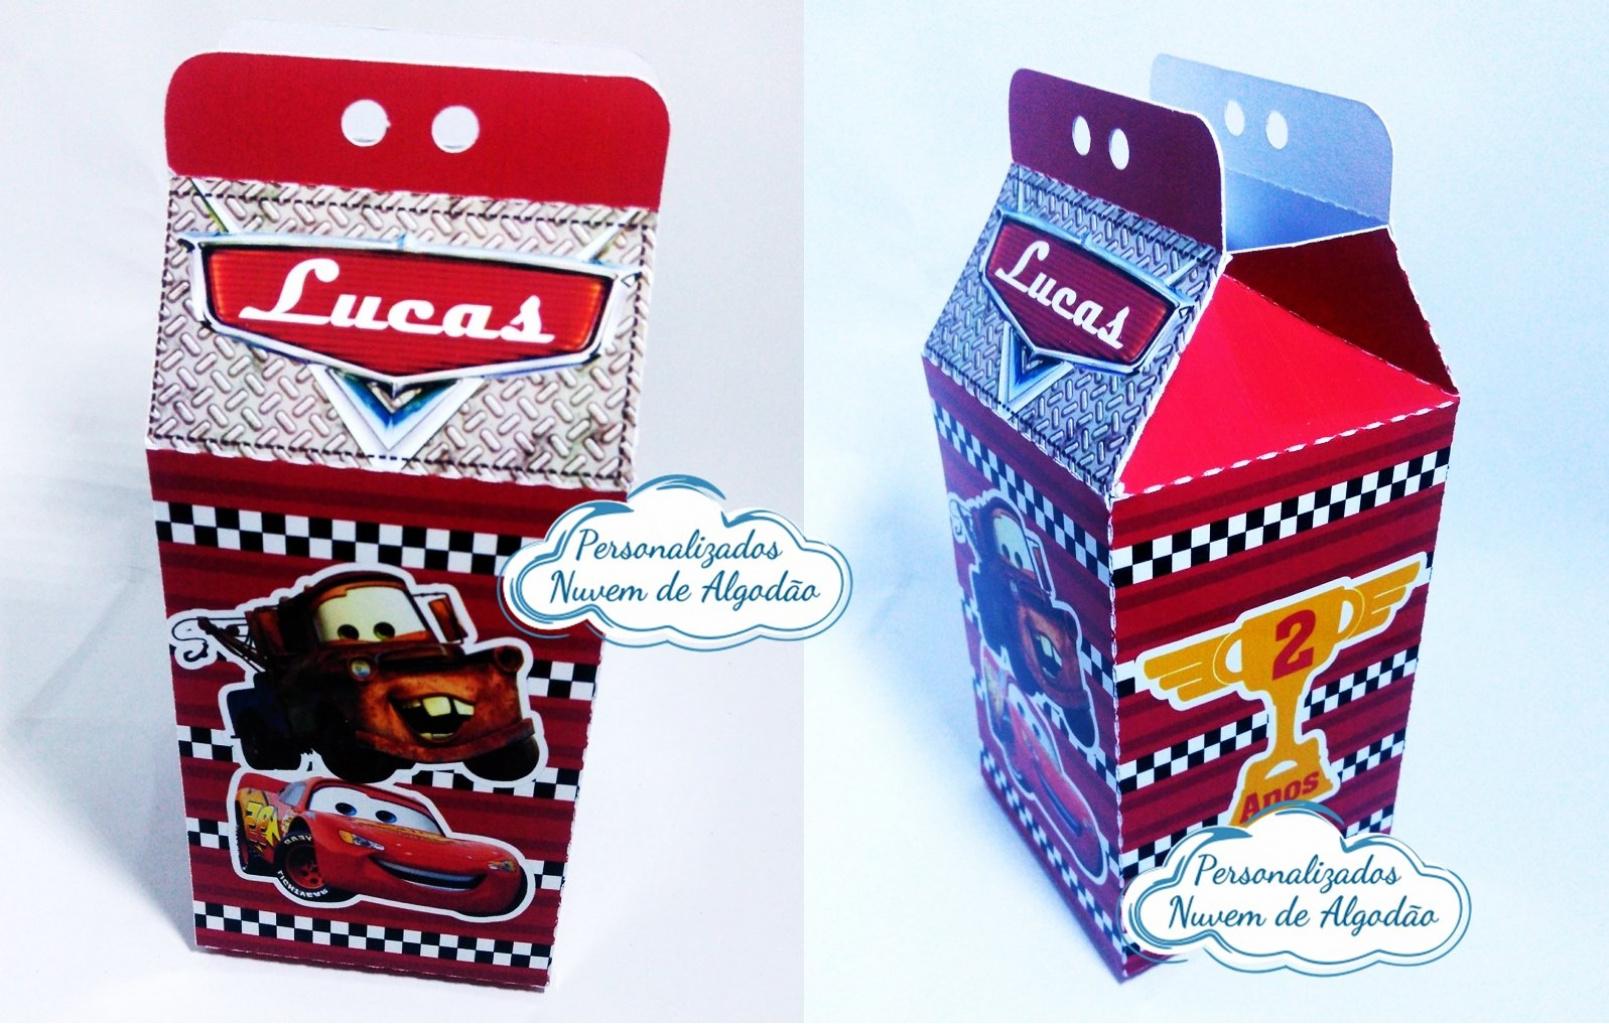 Nuvem de algodão personalizados - Caixa milk Carros